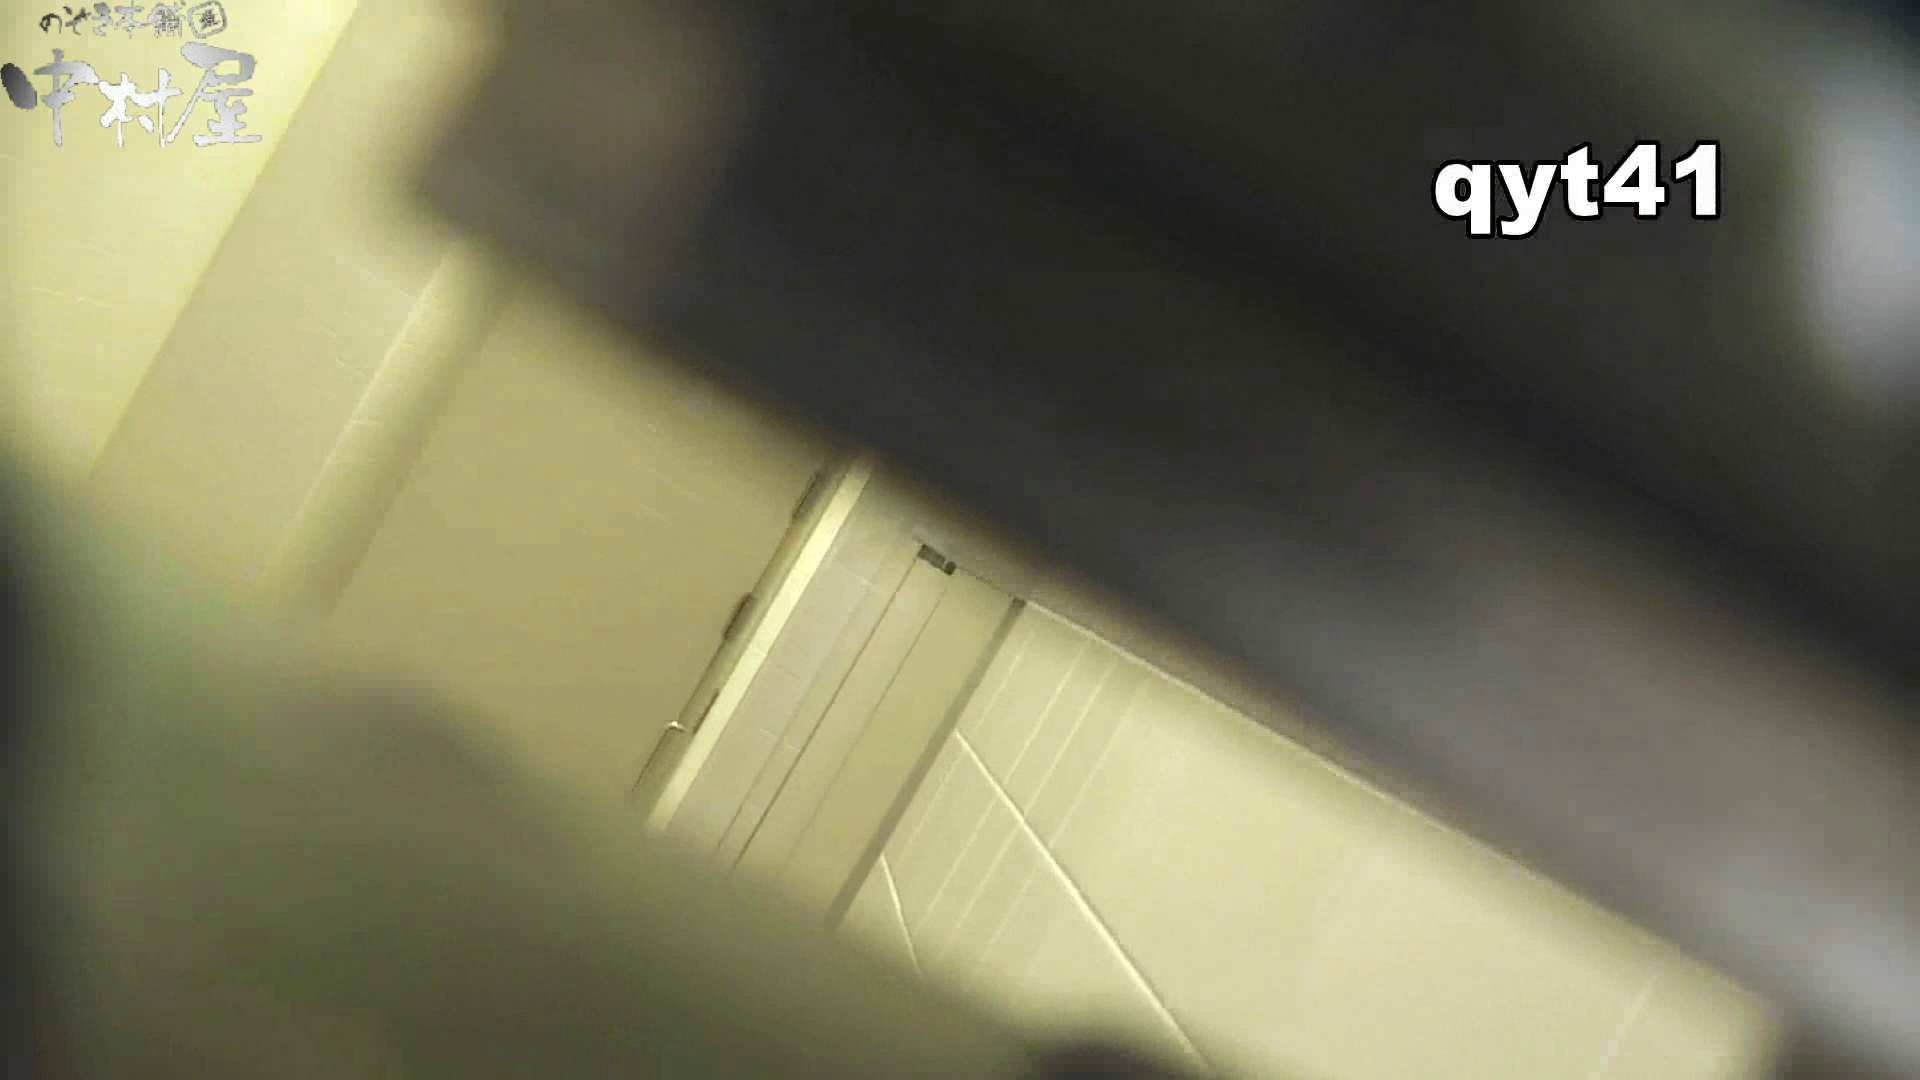 【お銀さんの「洗面所突入レポート!!」】お銀さんの「洗面所突入レポート!!」 vol.41 ジャジャ漏れ OL女体 AV無料 60連発 59